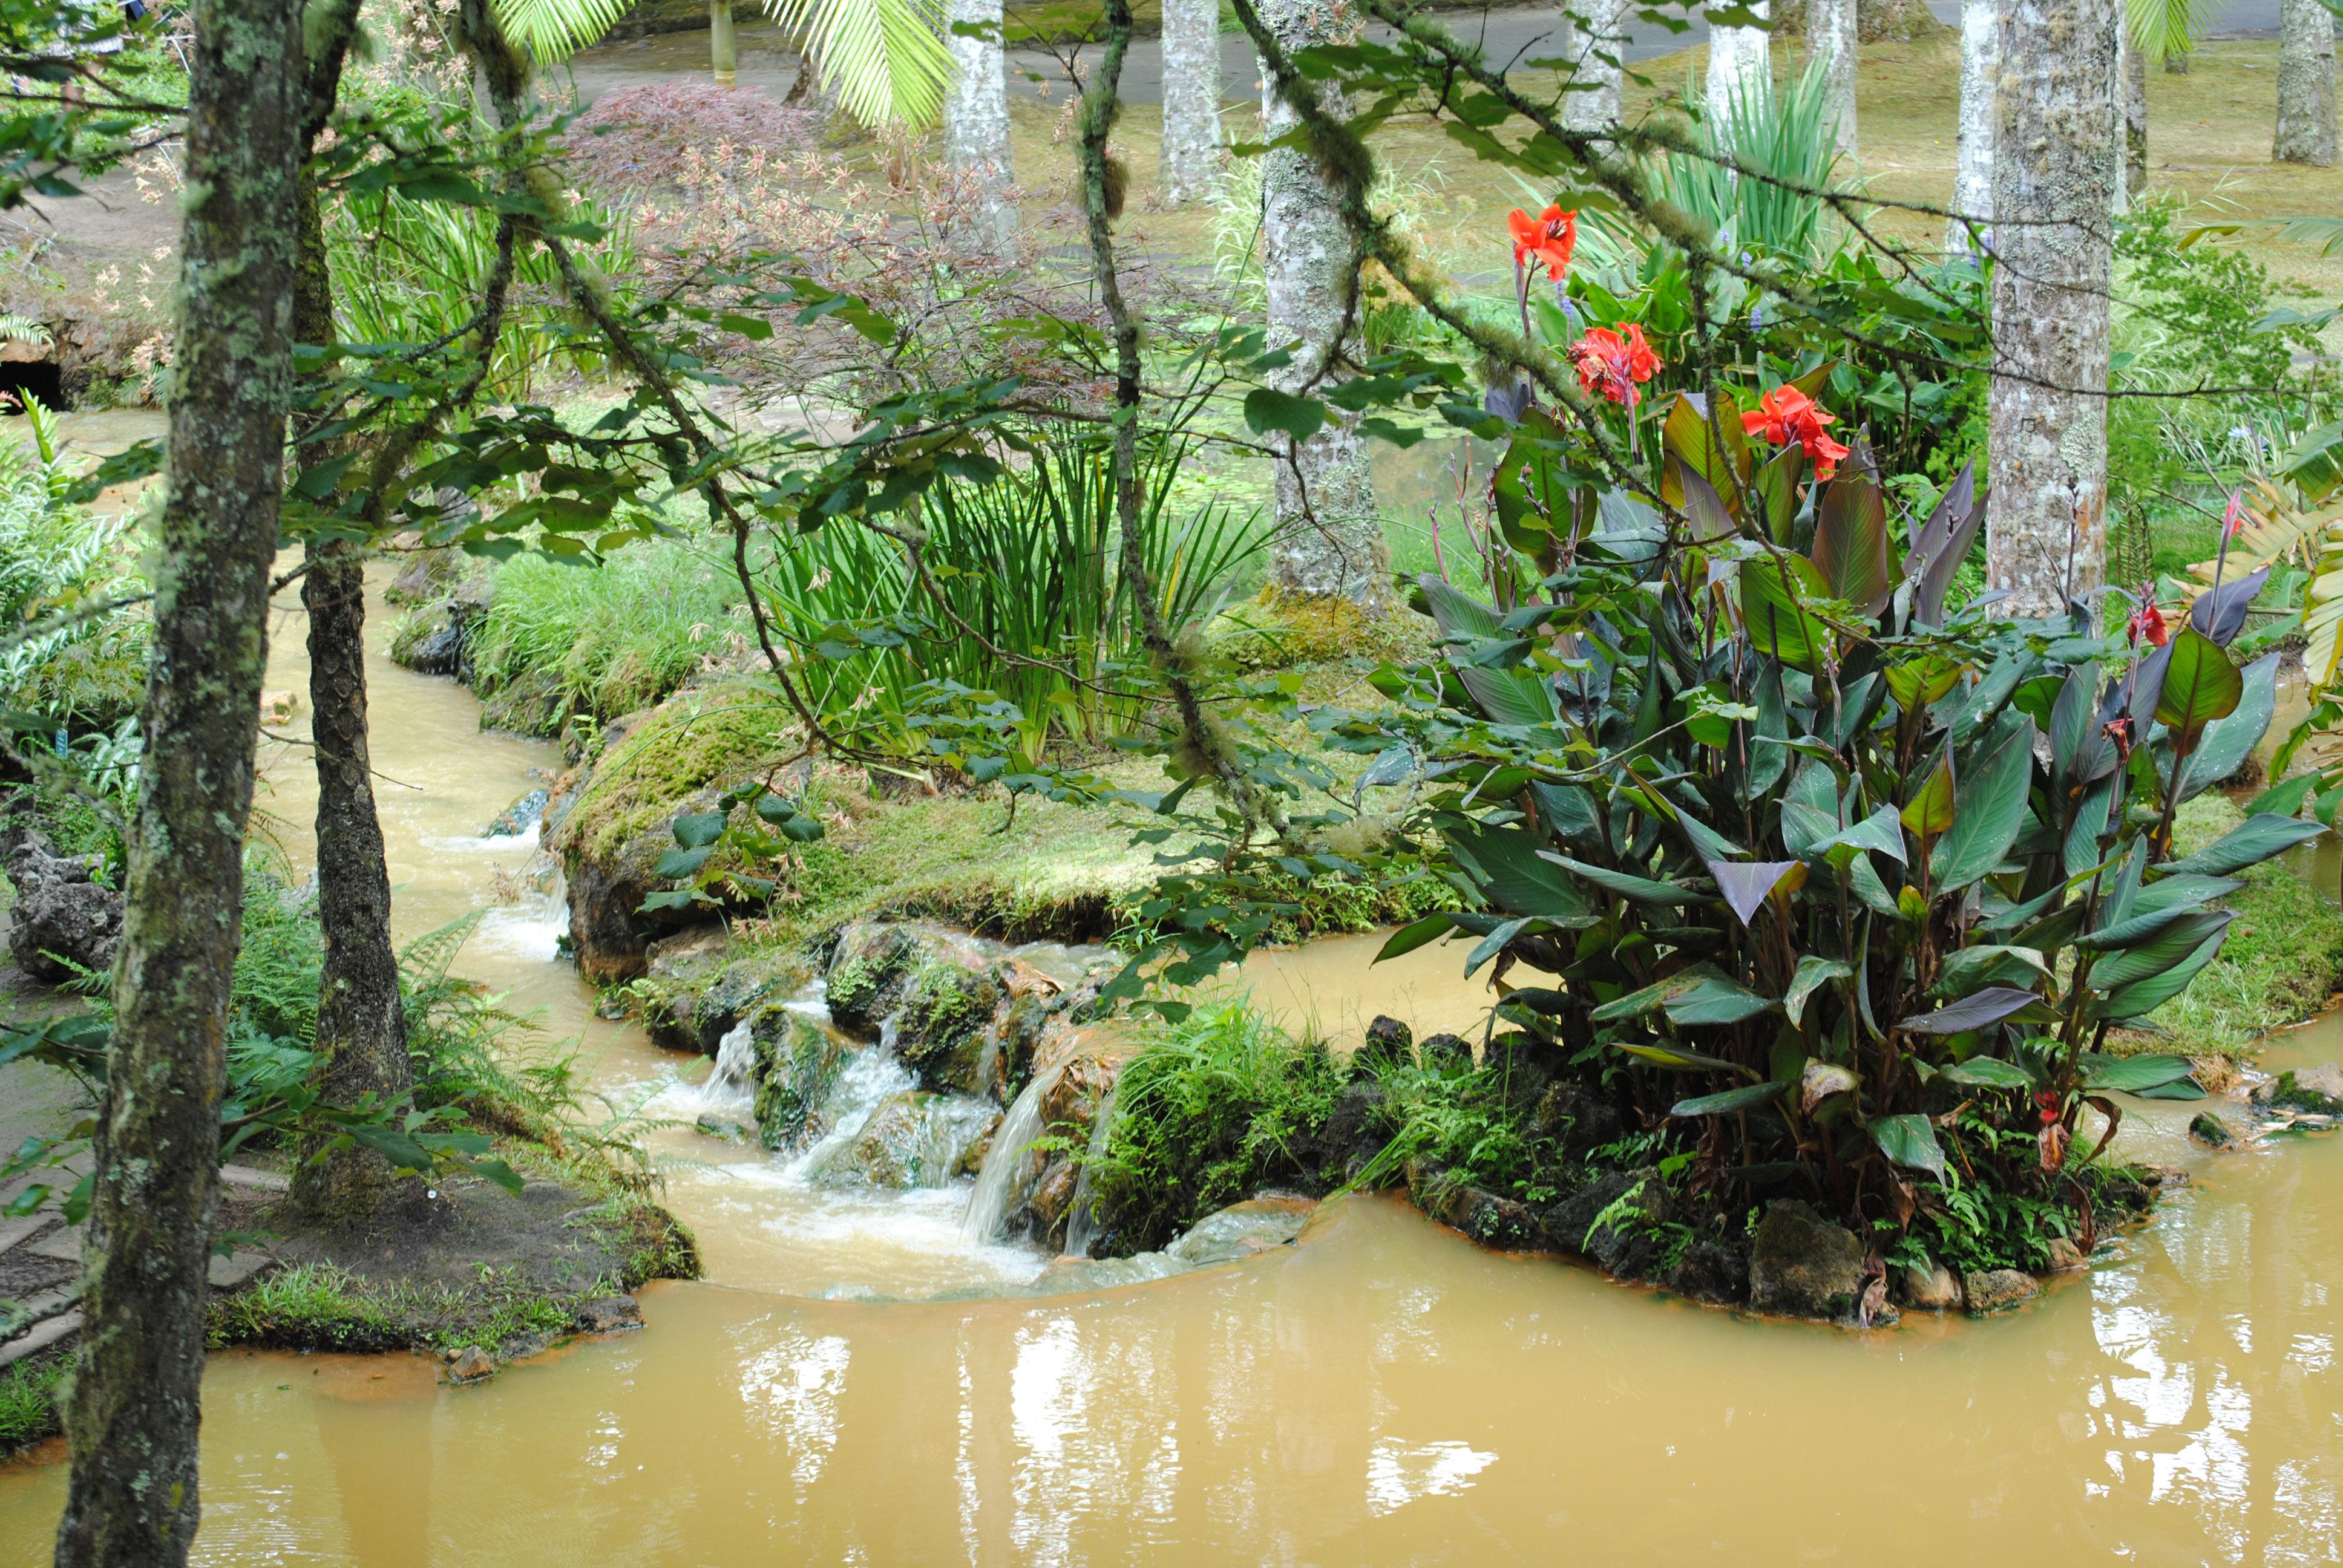 Botanical garden at Terra Nostra, Azores